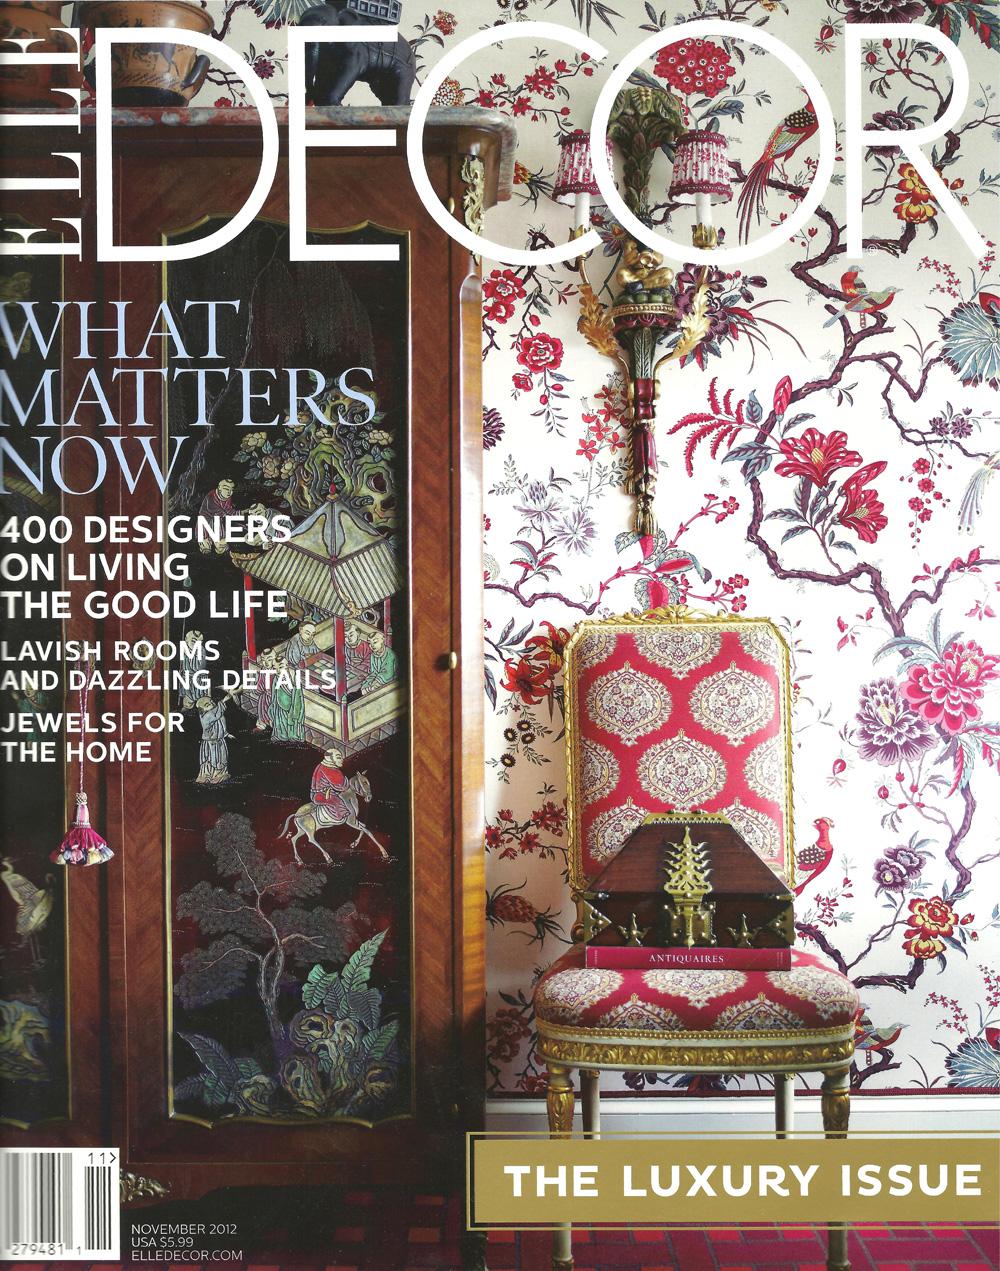 Elle Decor, November 2012